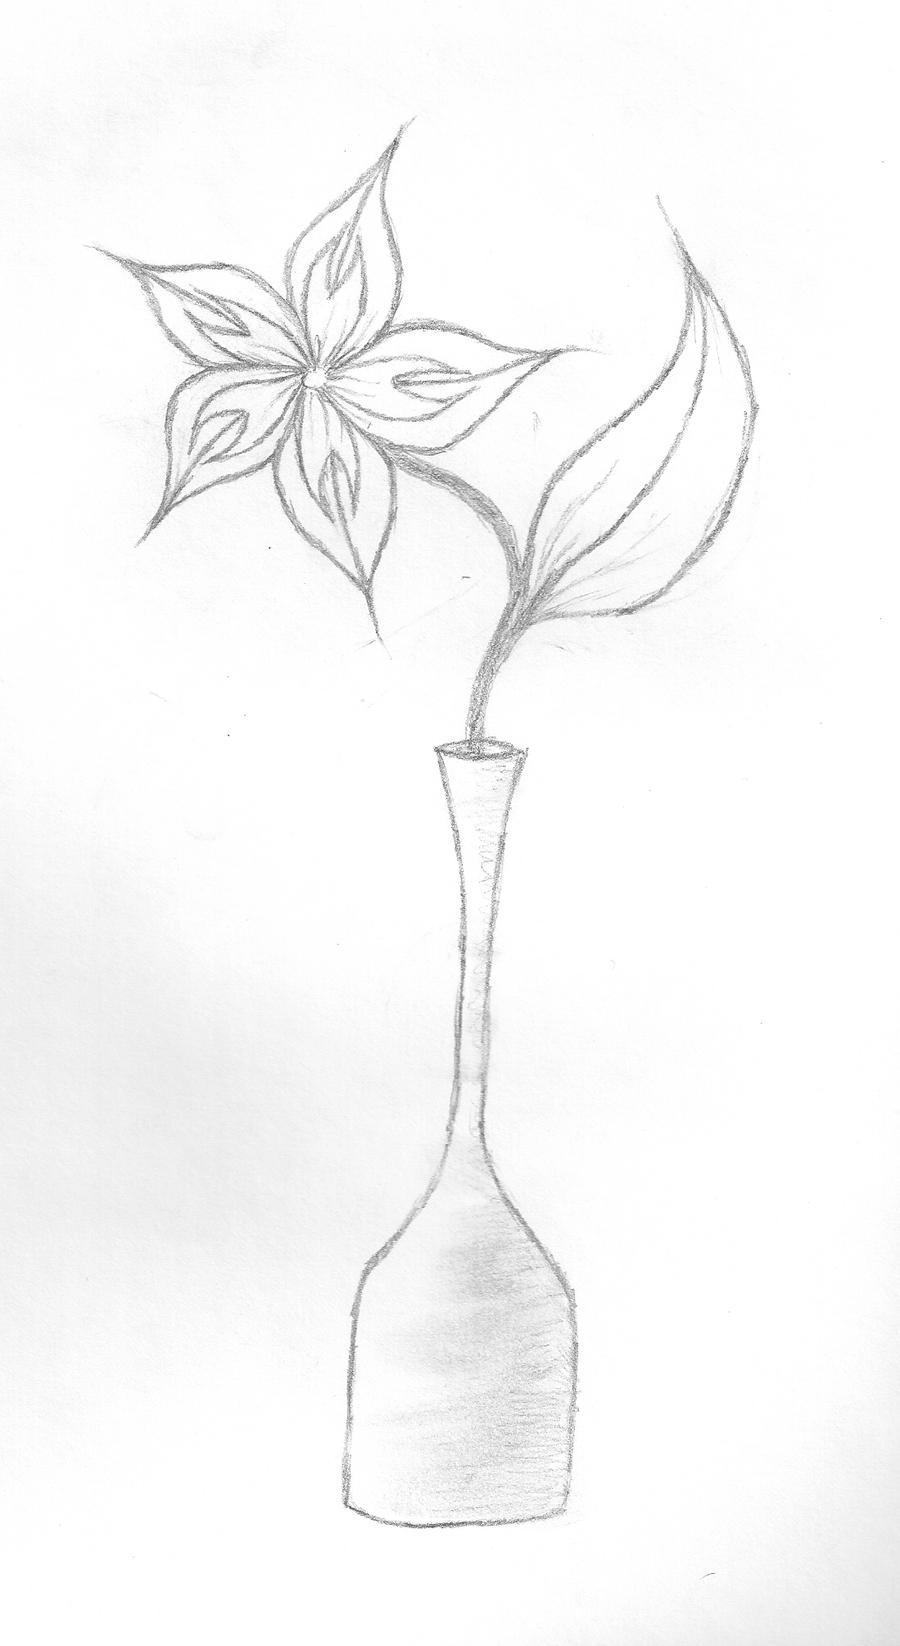 flower in a vase by meggypie643 on deviantart. Black Bedroom Furniture Sets. Home Design Ideas